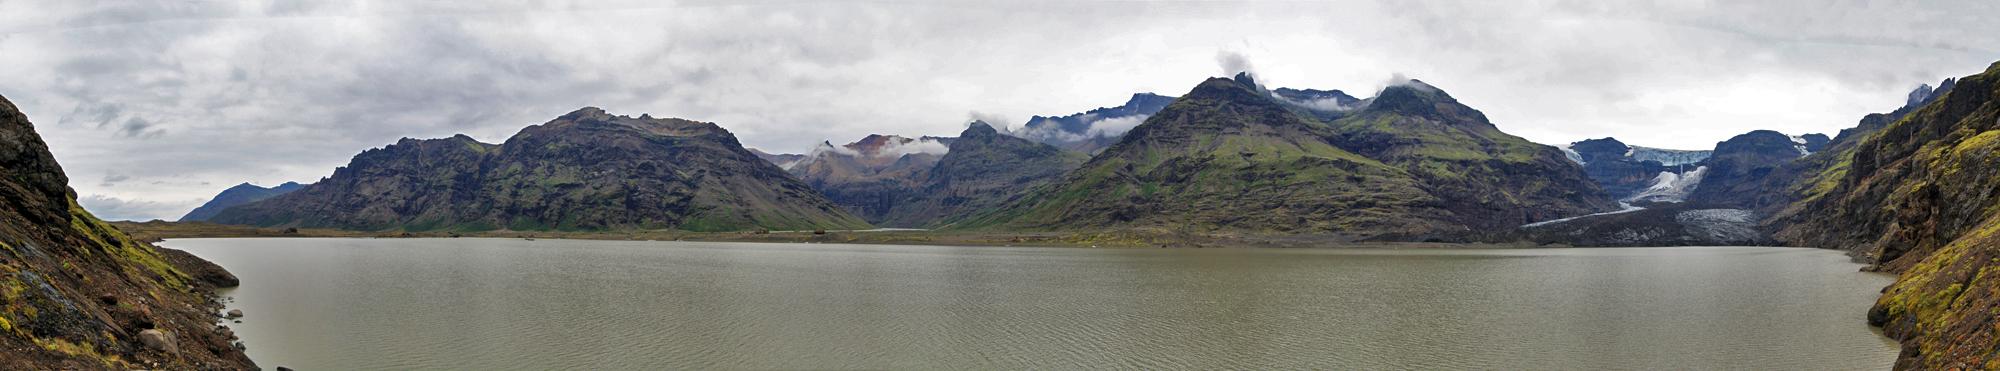 Lac et Glacier Morsarjokull (Skaftafell)